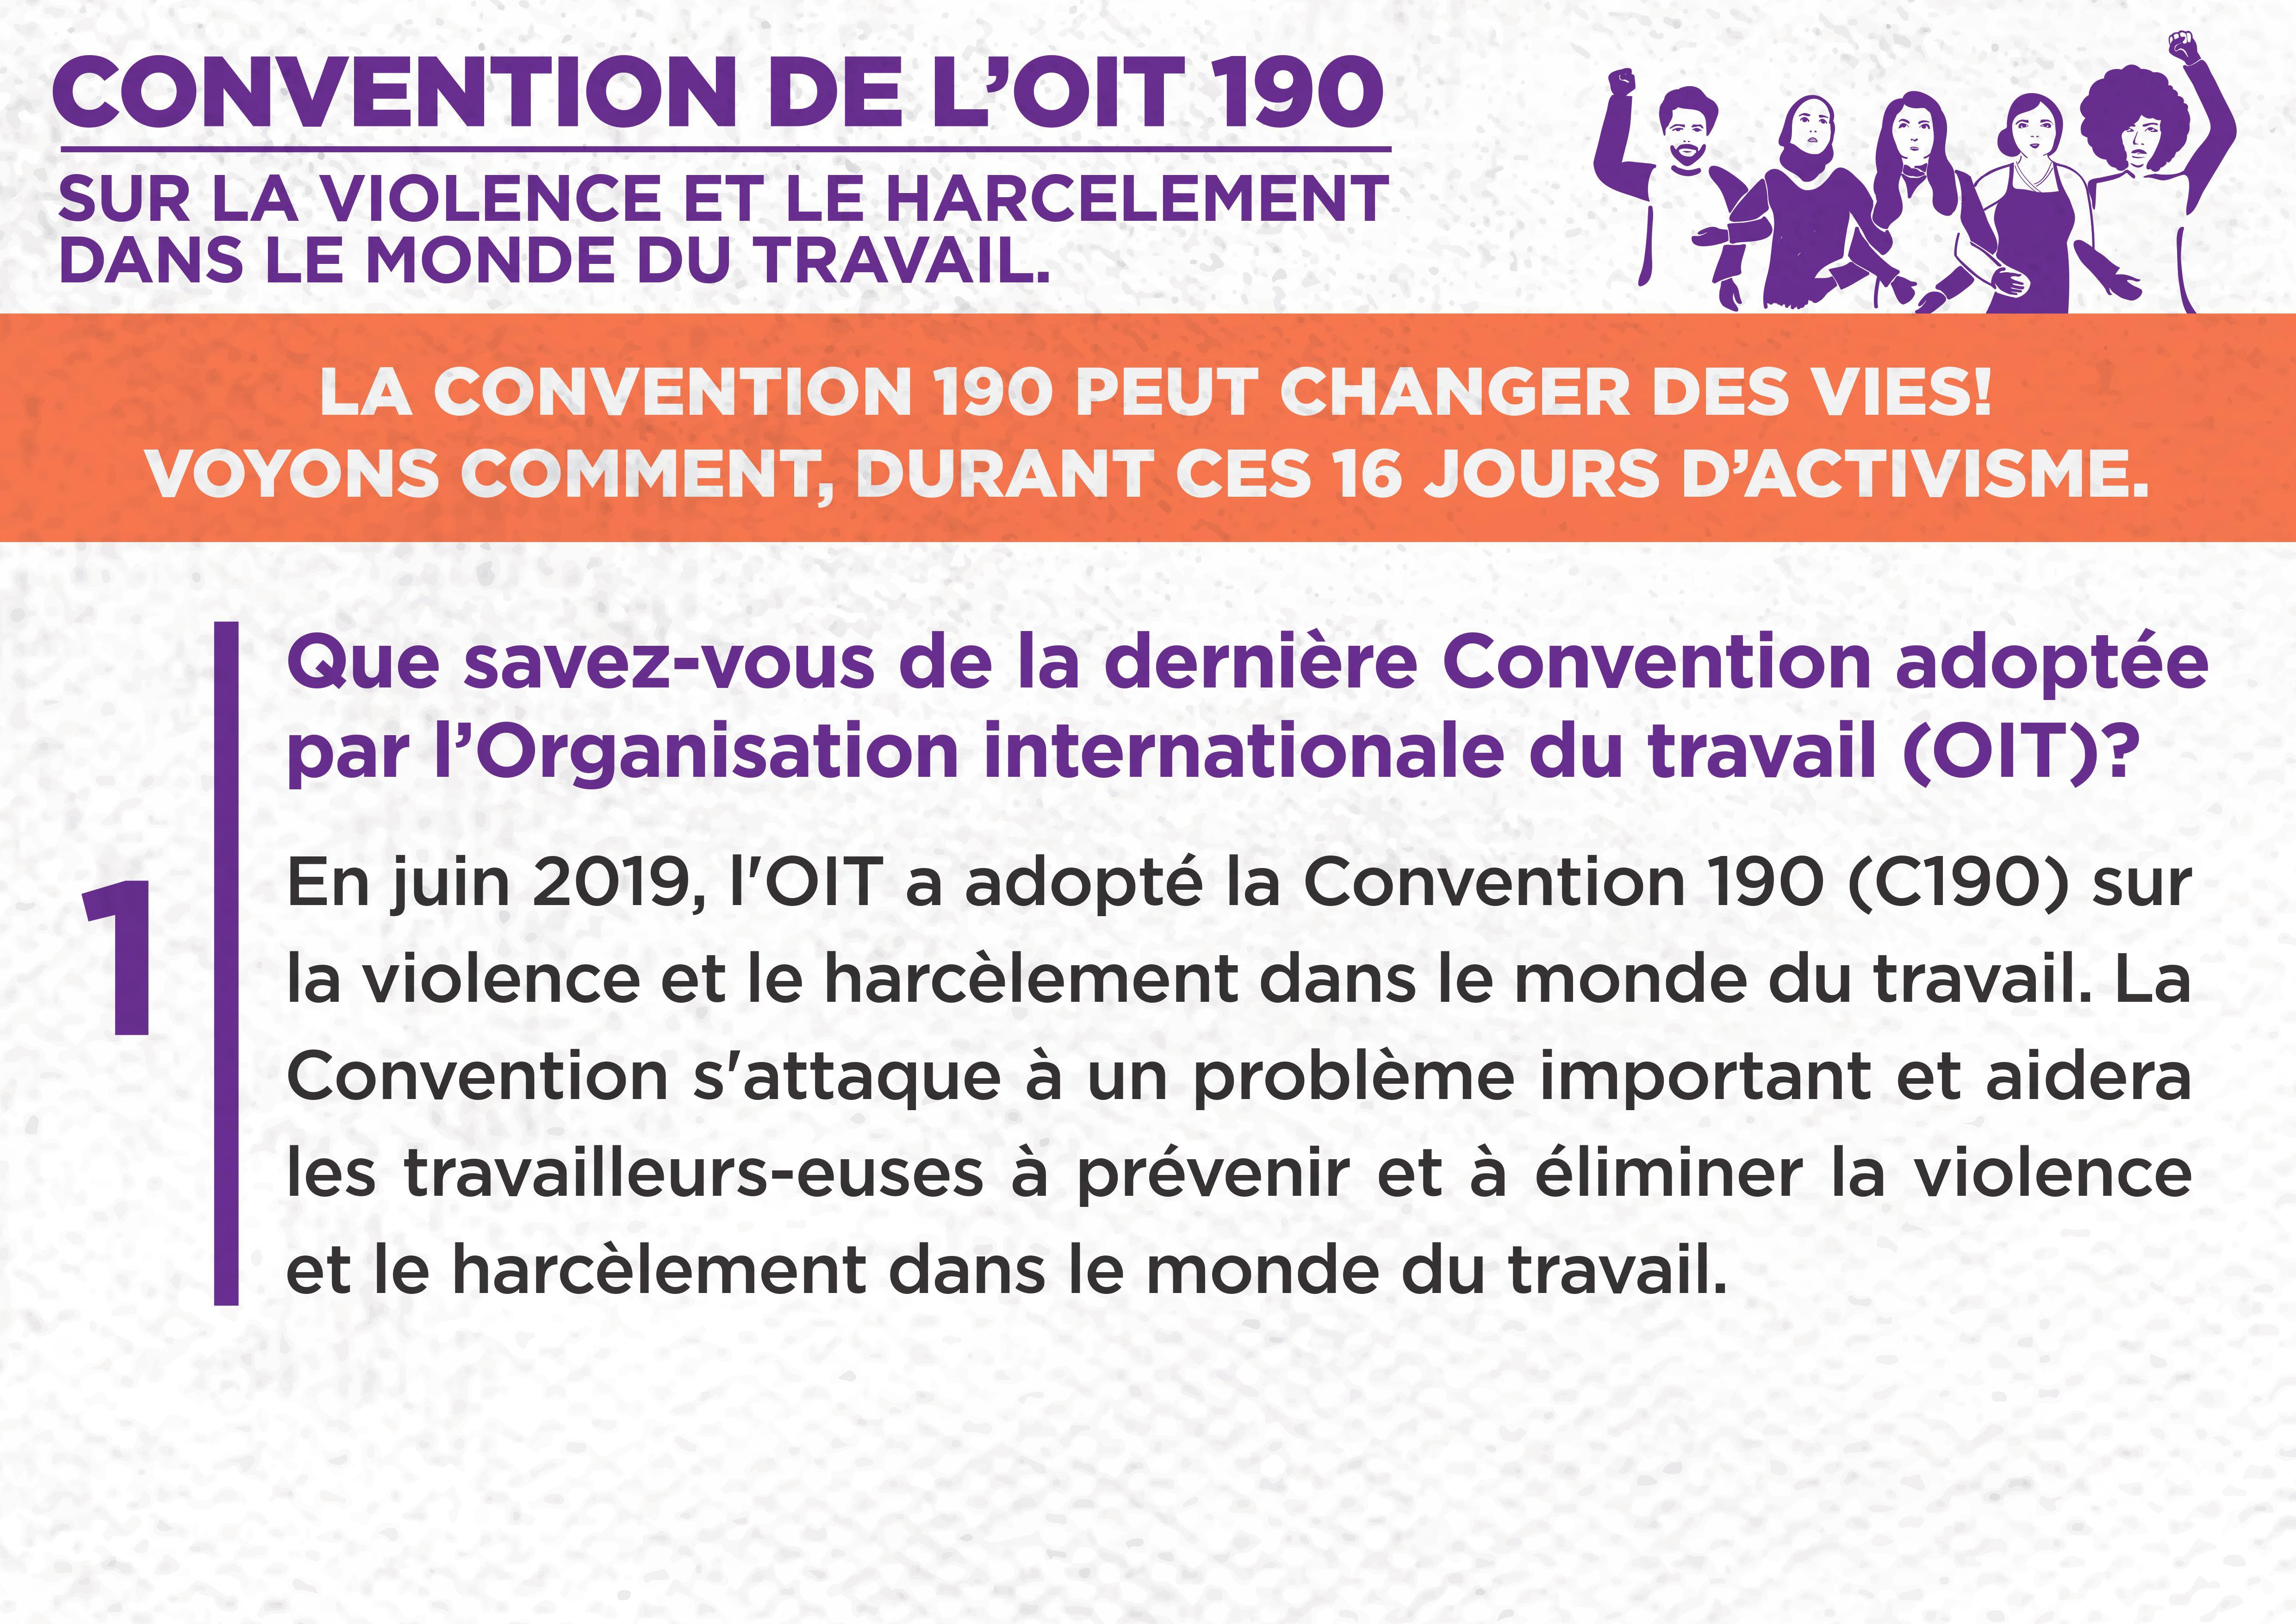 1. Que savez-vous de la dernière Convention adoptée par l'Organisation internationale du travail (OIT) ?